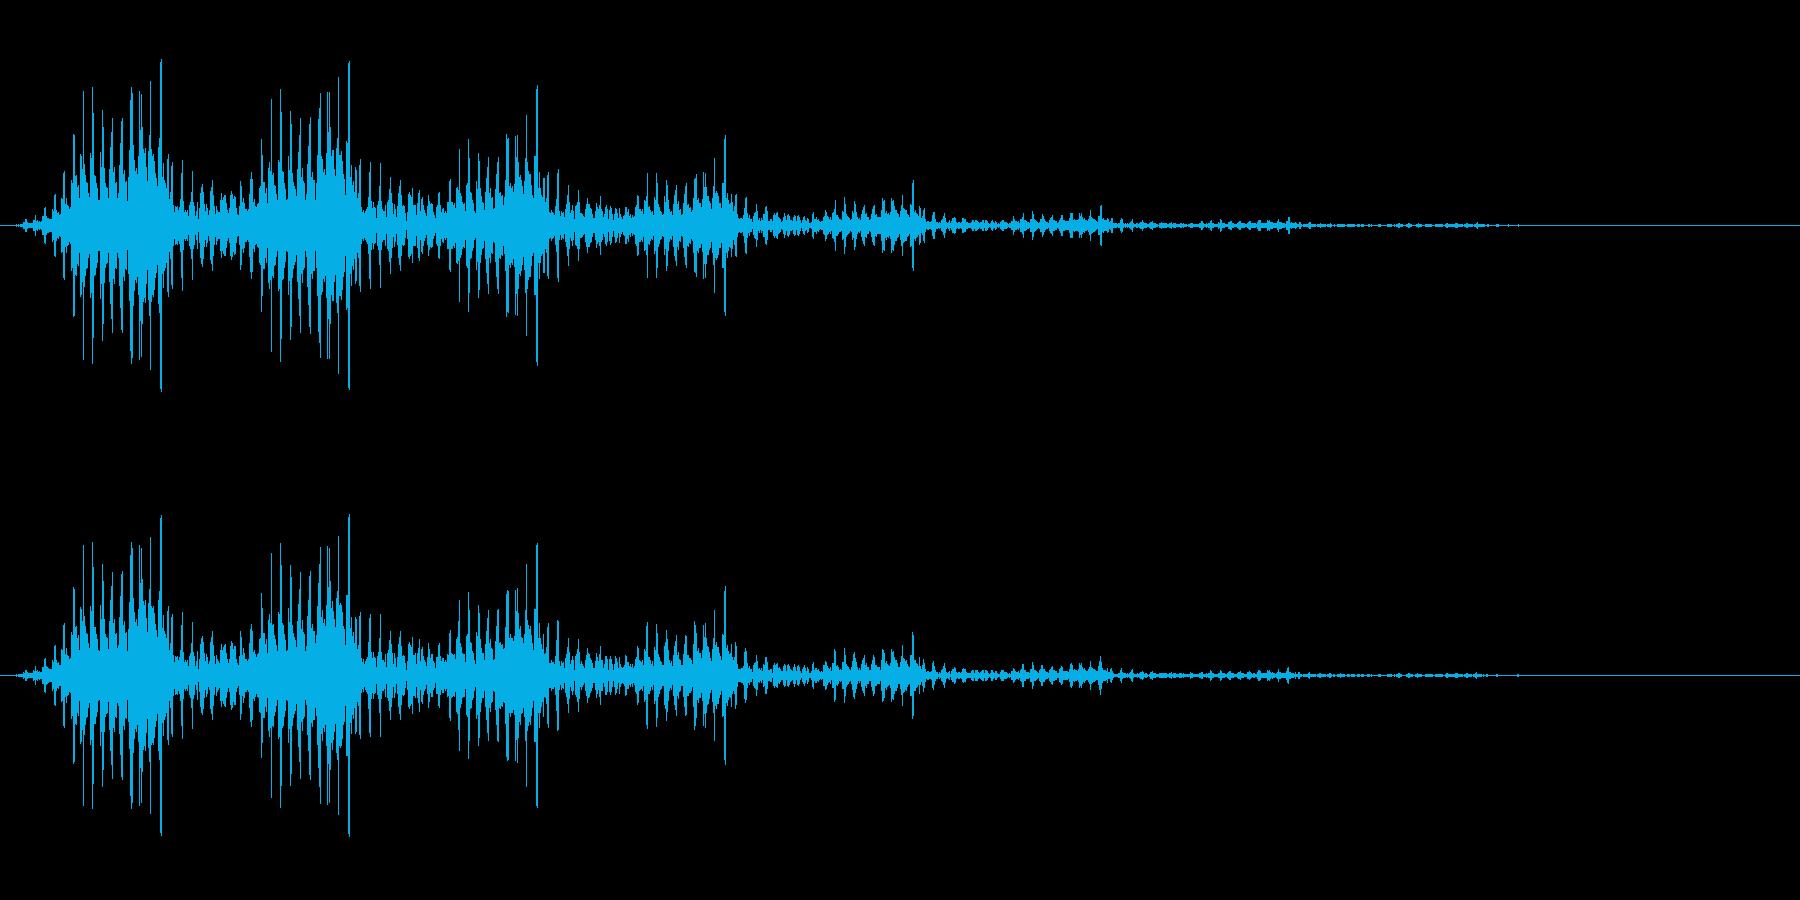 ブワワワワワァ〜ン(登場・退場のシーン)の再生済みの波形